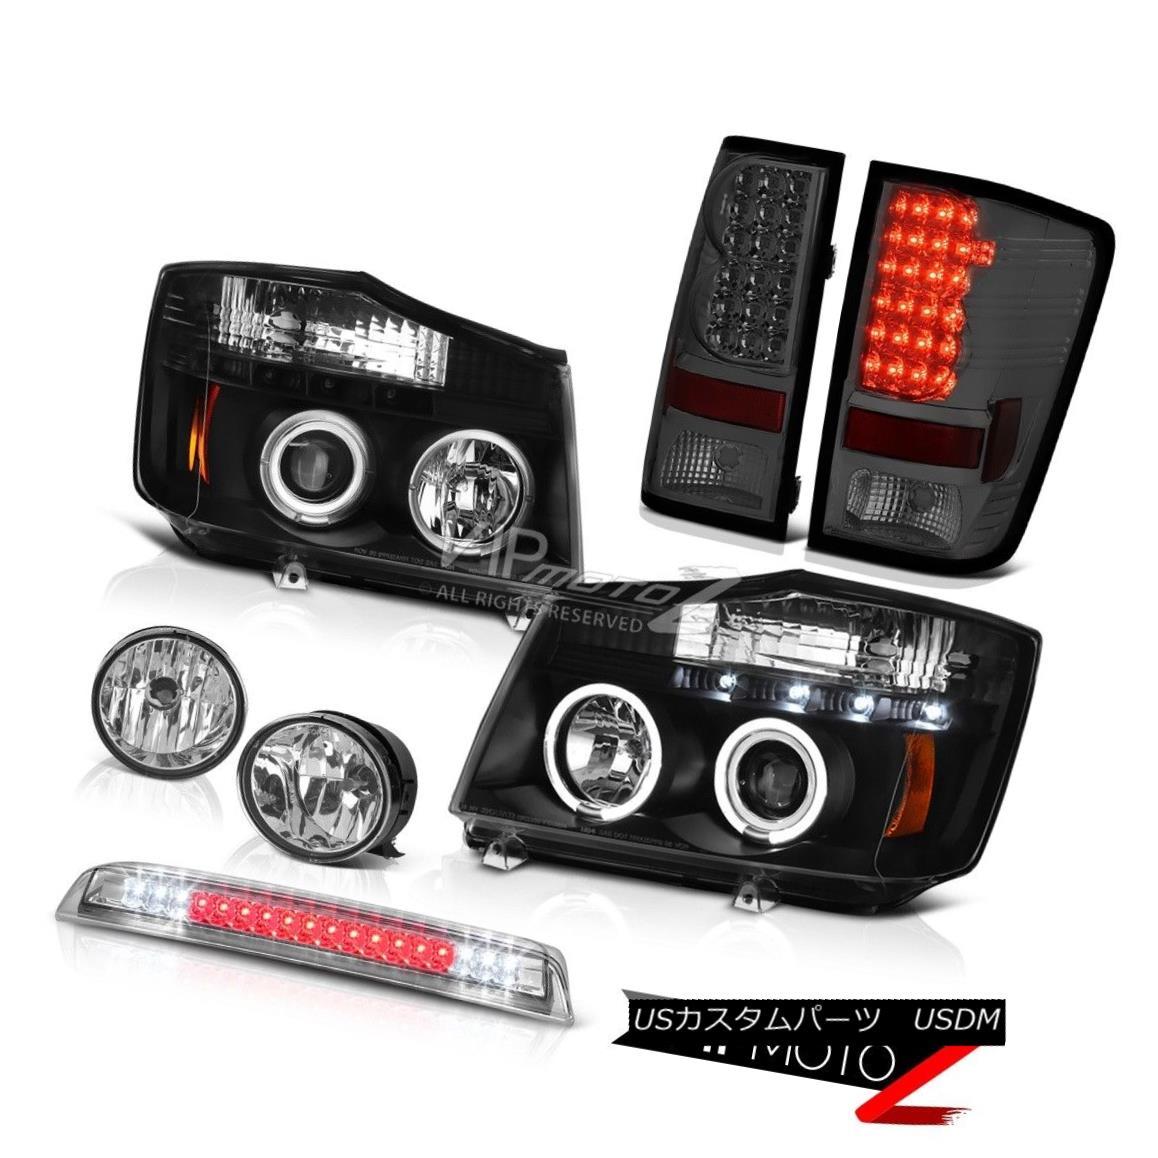 ヘッドライト L+R Set Dual Halo Headlight Tail Lights Chrome Fog High Stop LED For 04-15 Titan L + Rデュアルハローヘッドライトテールライトを設定する04-15タイタン用クロームフォグハイストップLED